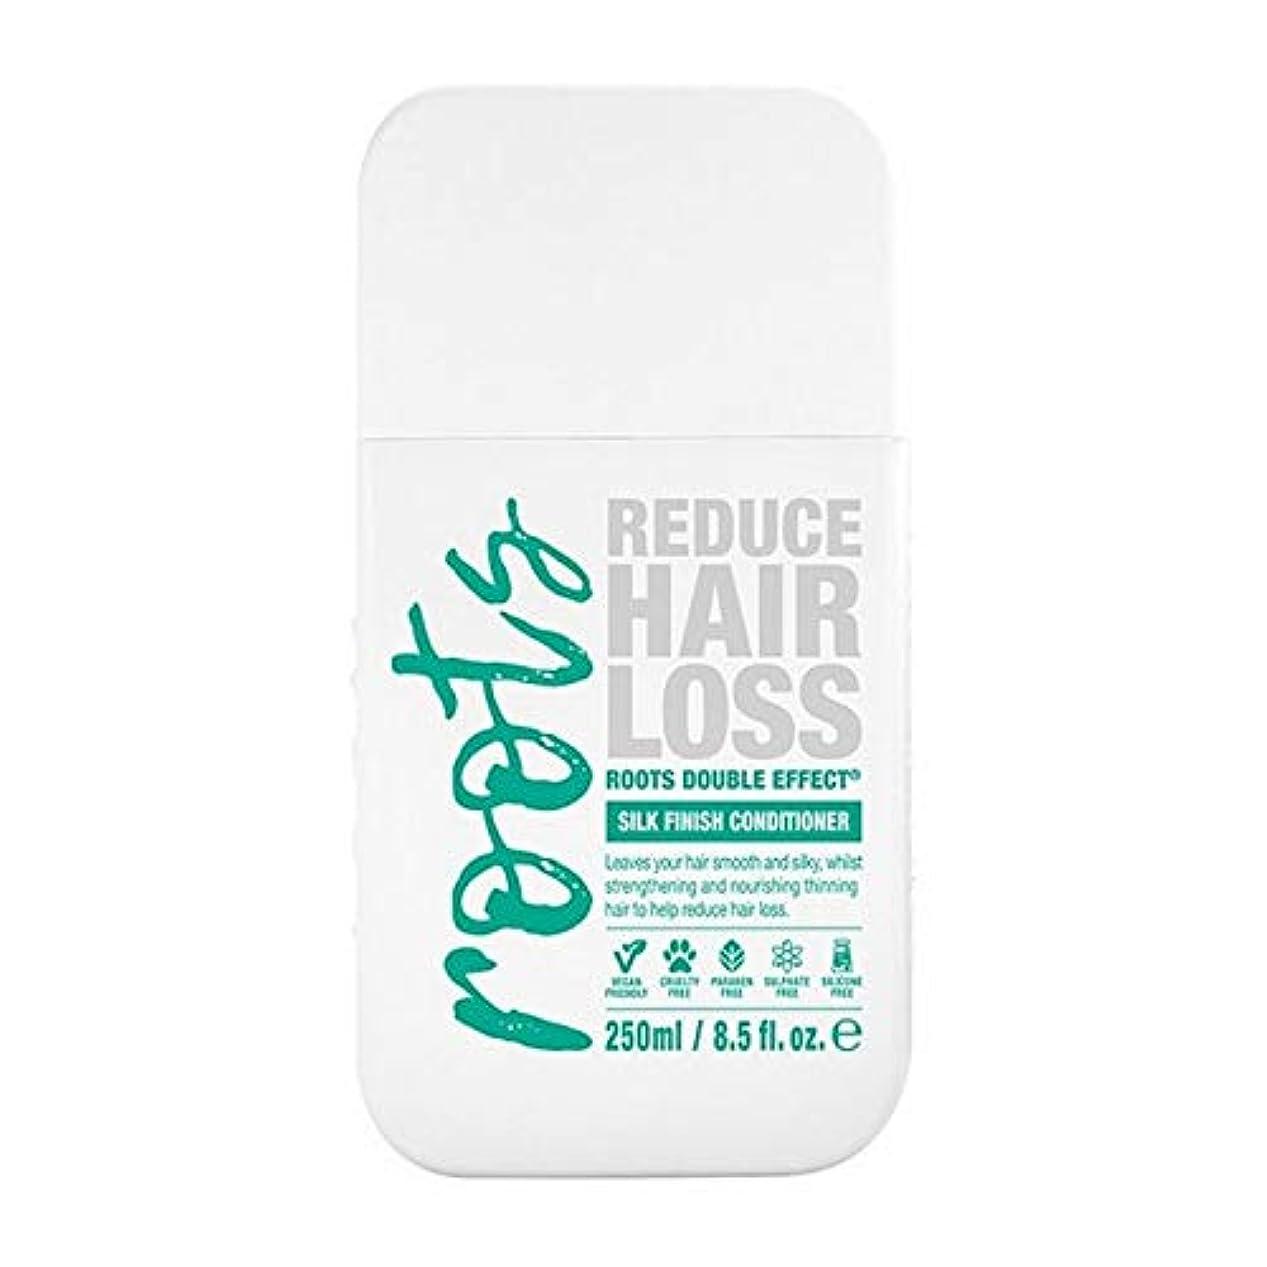 信頼性のあるフリンジ持参[Roots ] 根のダブル効果育毛シャンプー250Ml - Roots Double Effect Hair Growth Conditioner 250ml [並行輸入品]